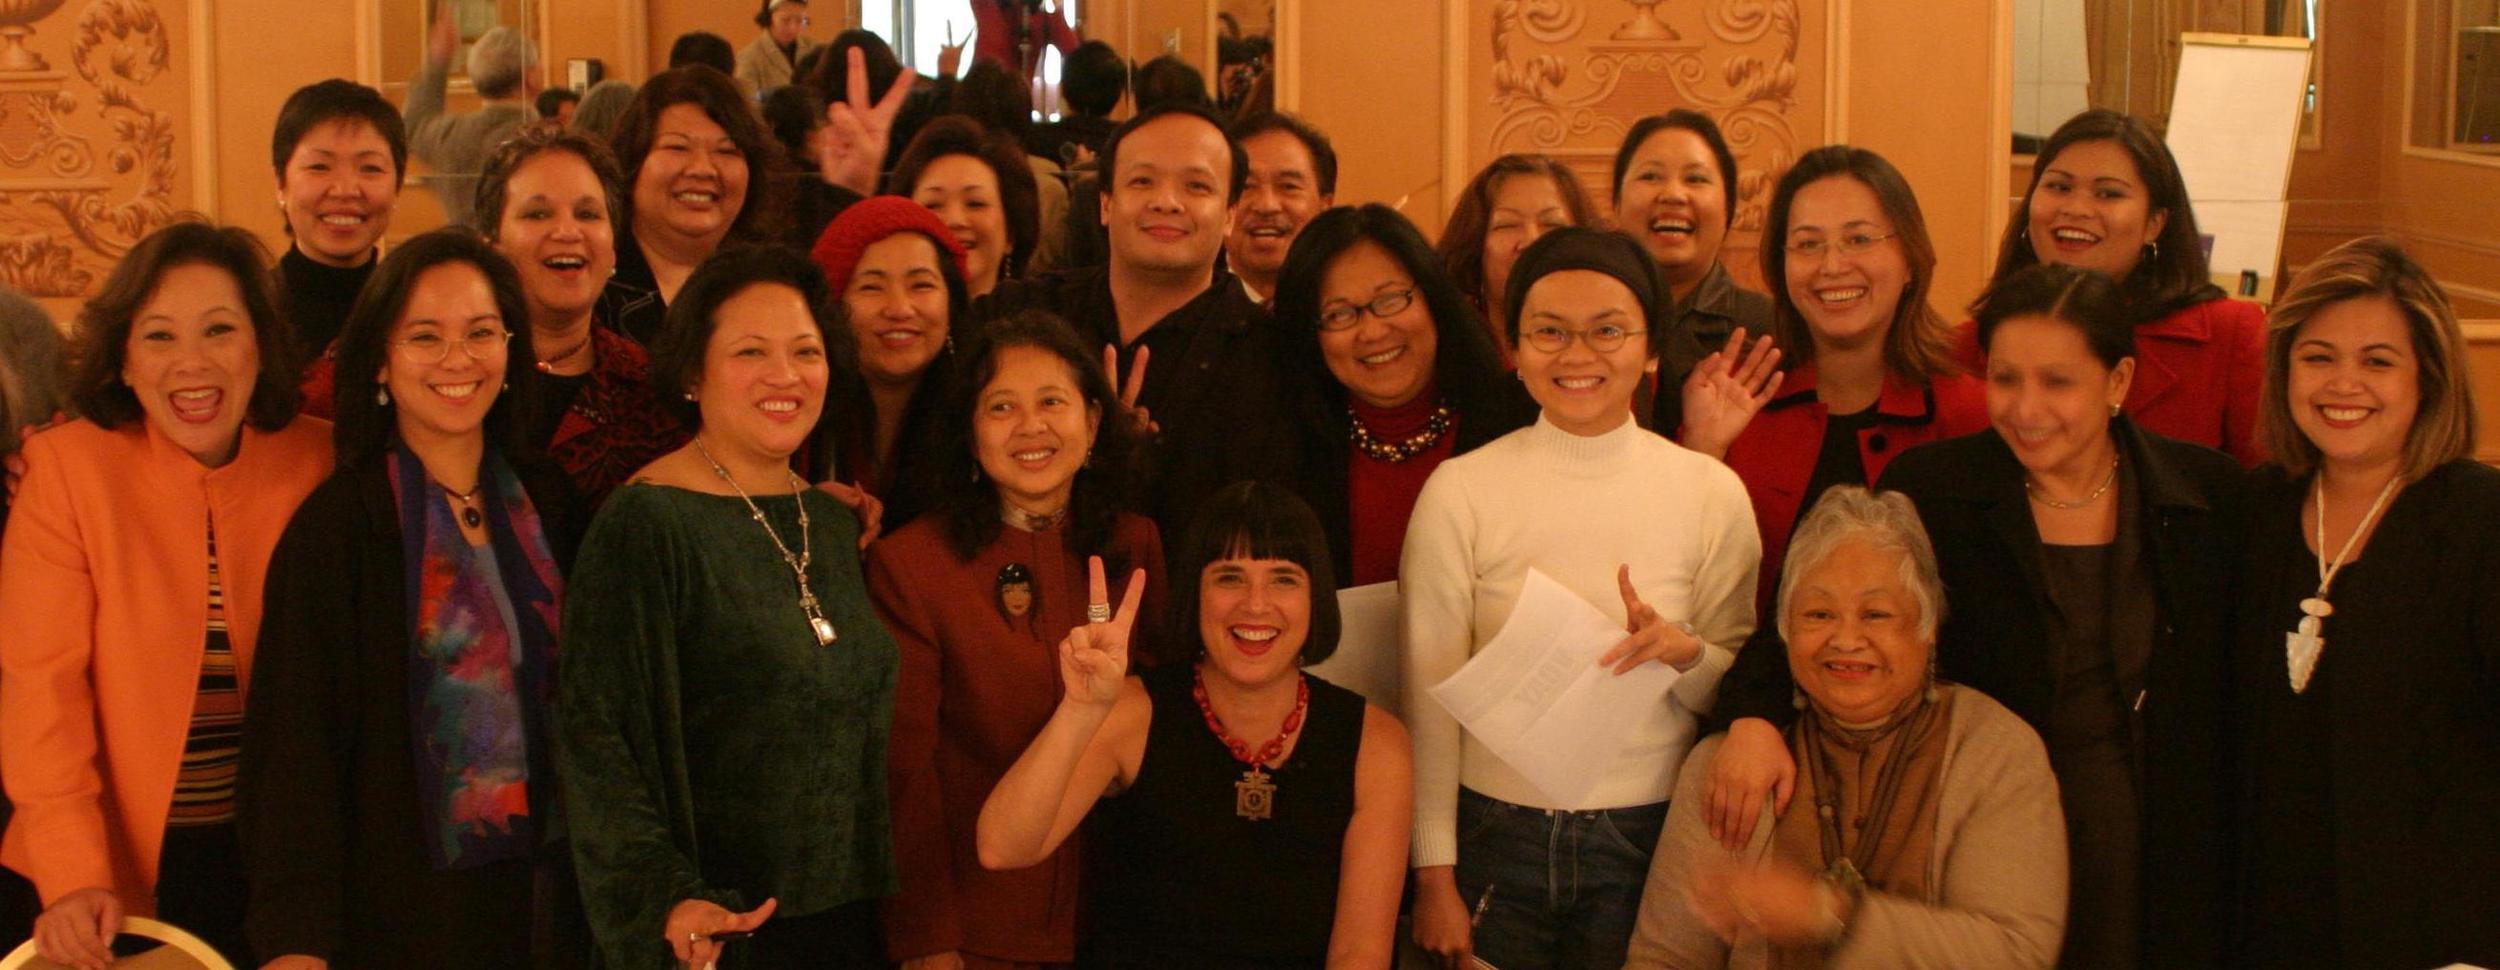 V-Day FWN 2004 San Francisco with Eve Ensler